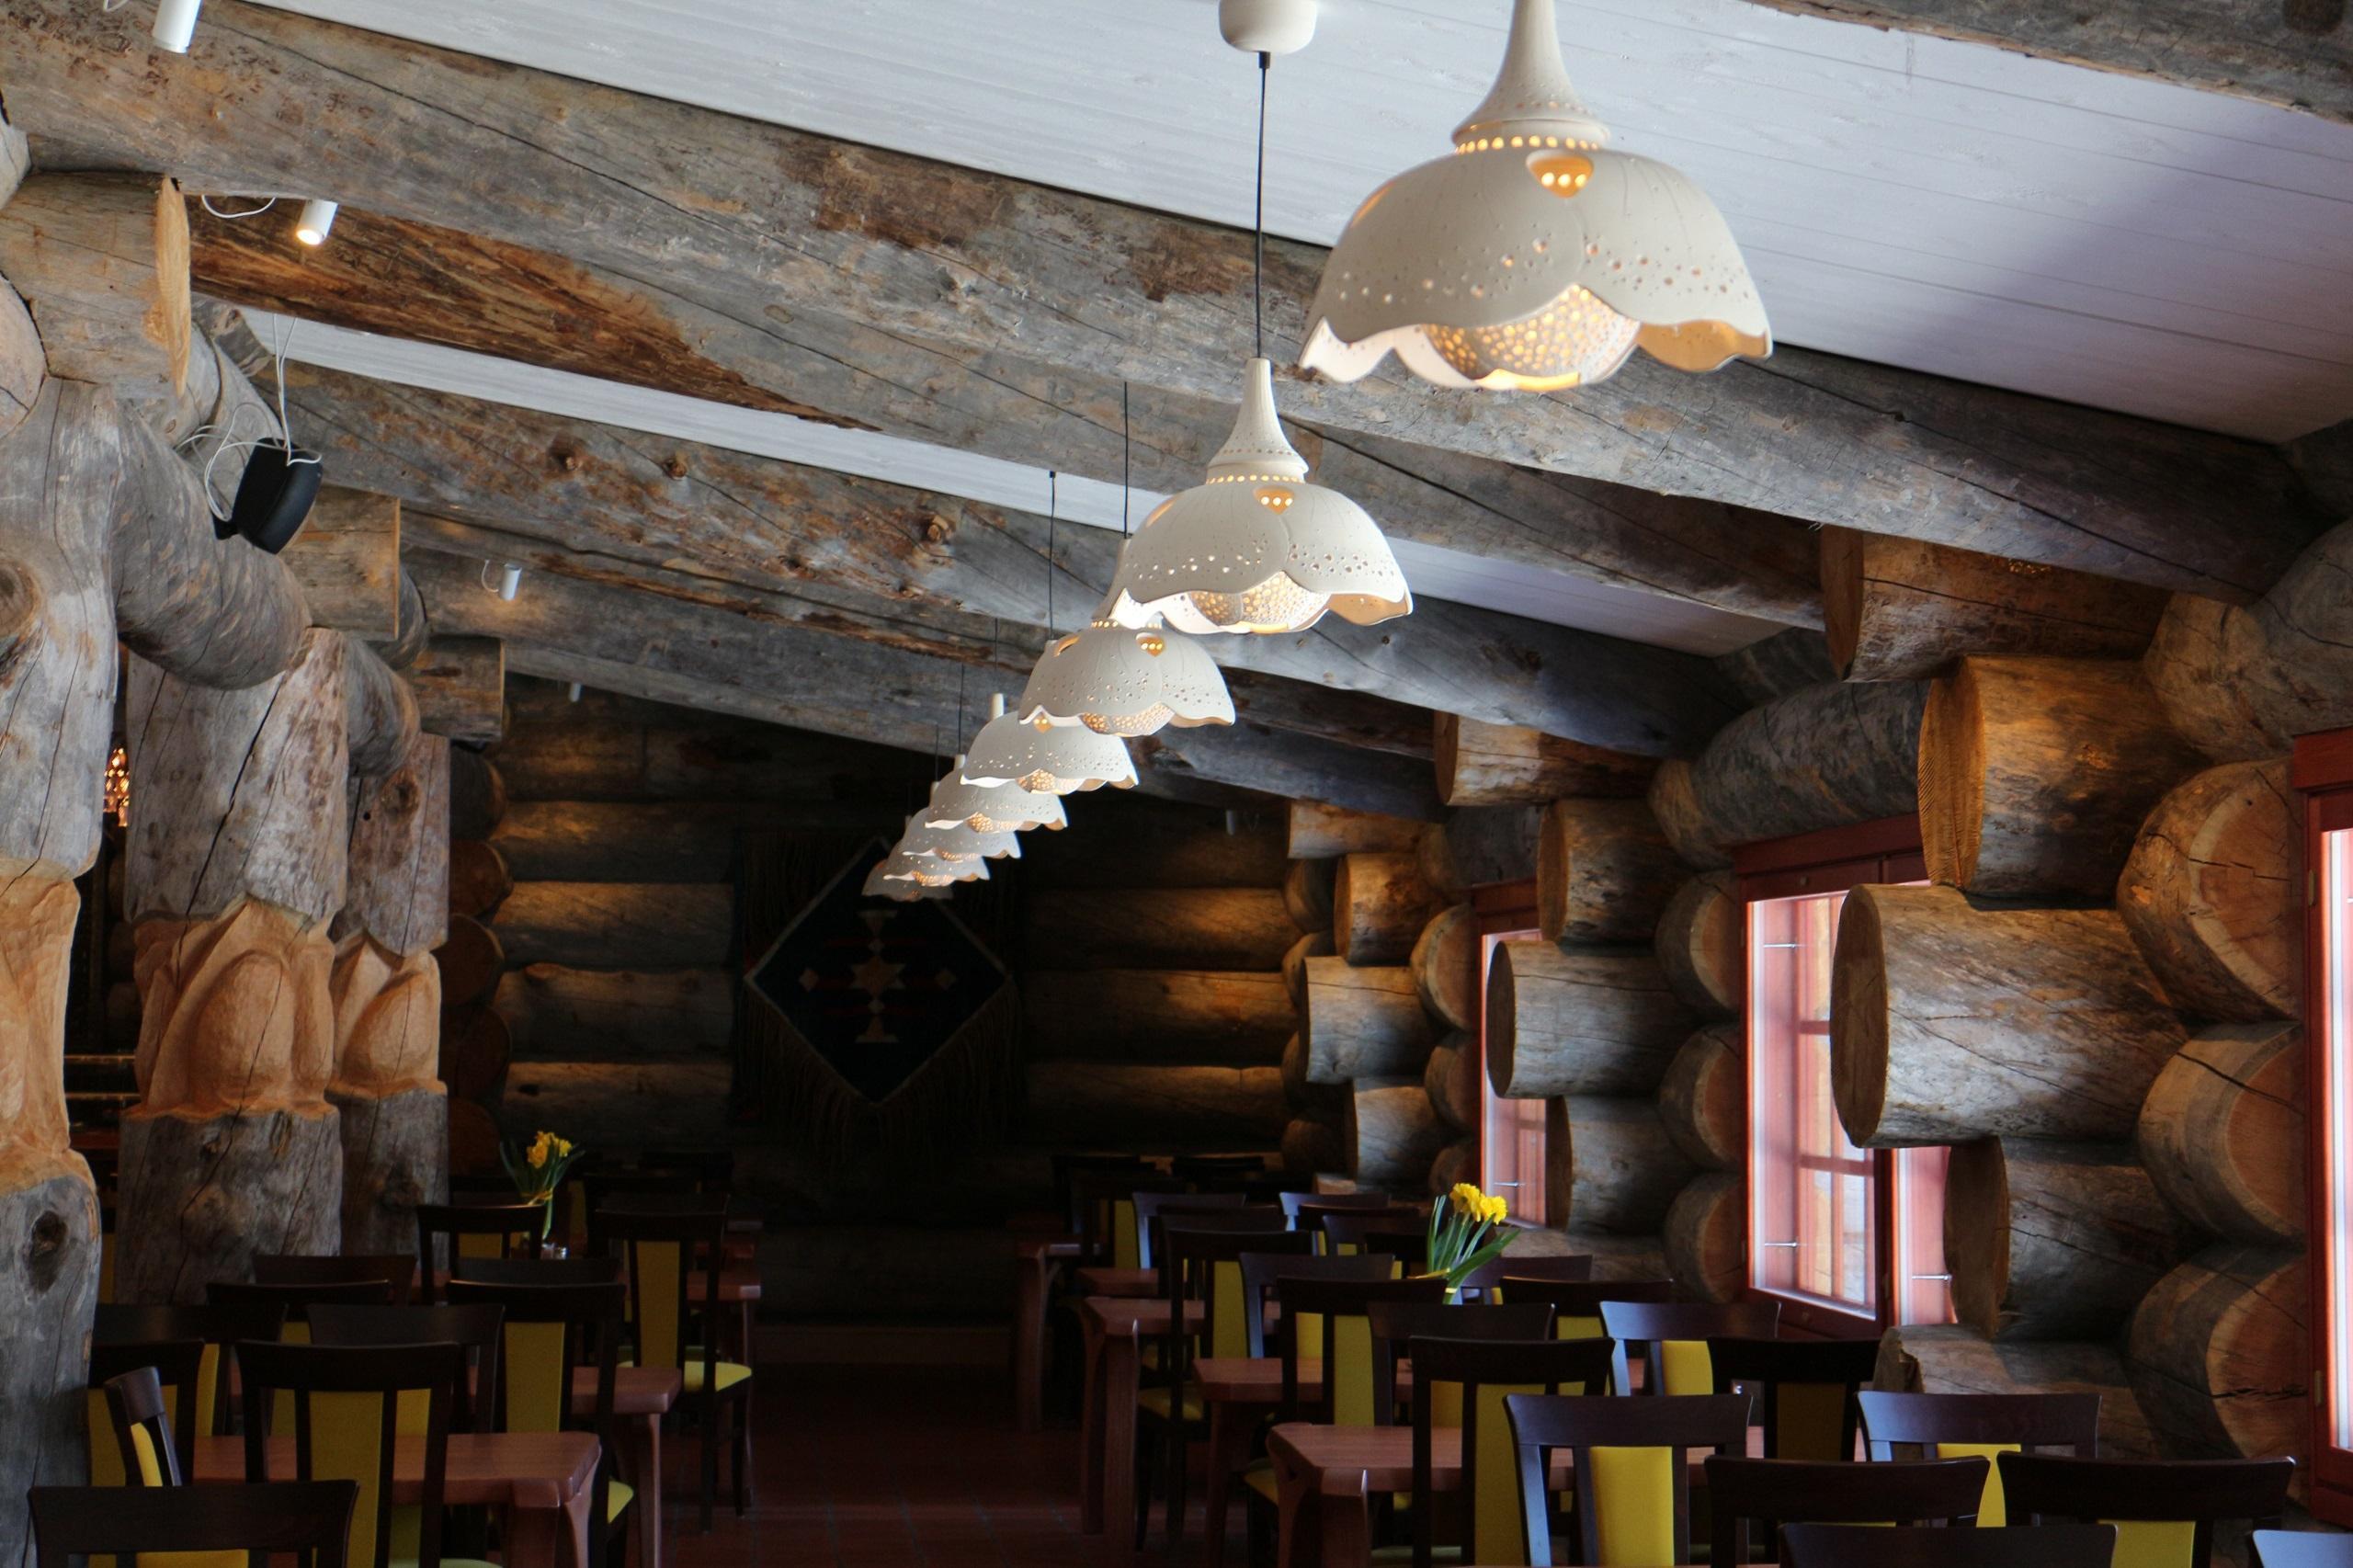 Aurora-ravintolasalin valaisimia